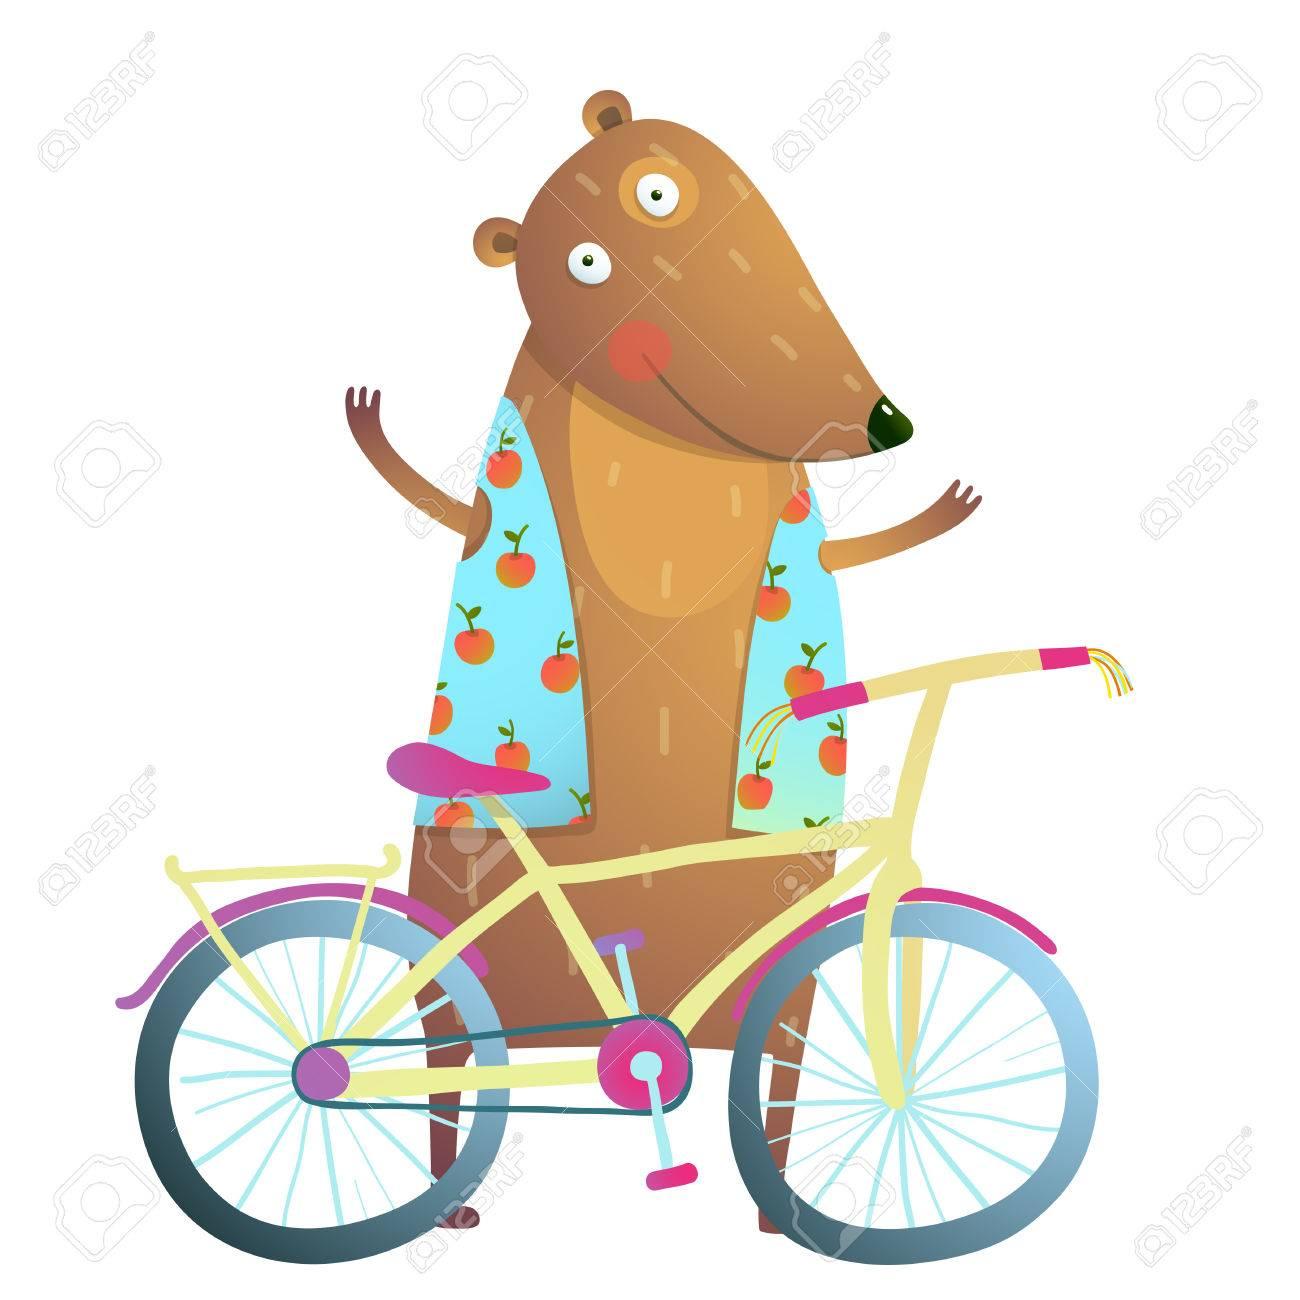 子供のための自転車かわいいスポーツ漫画と赤ちゃんテディベア文字カブ